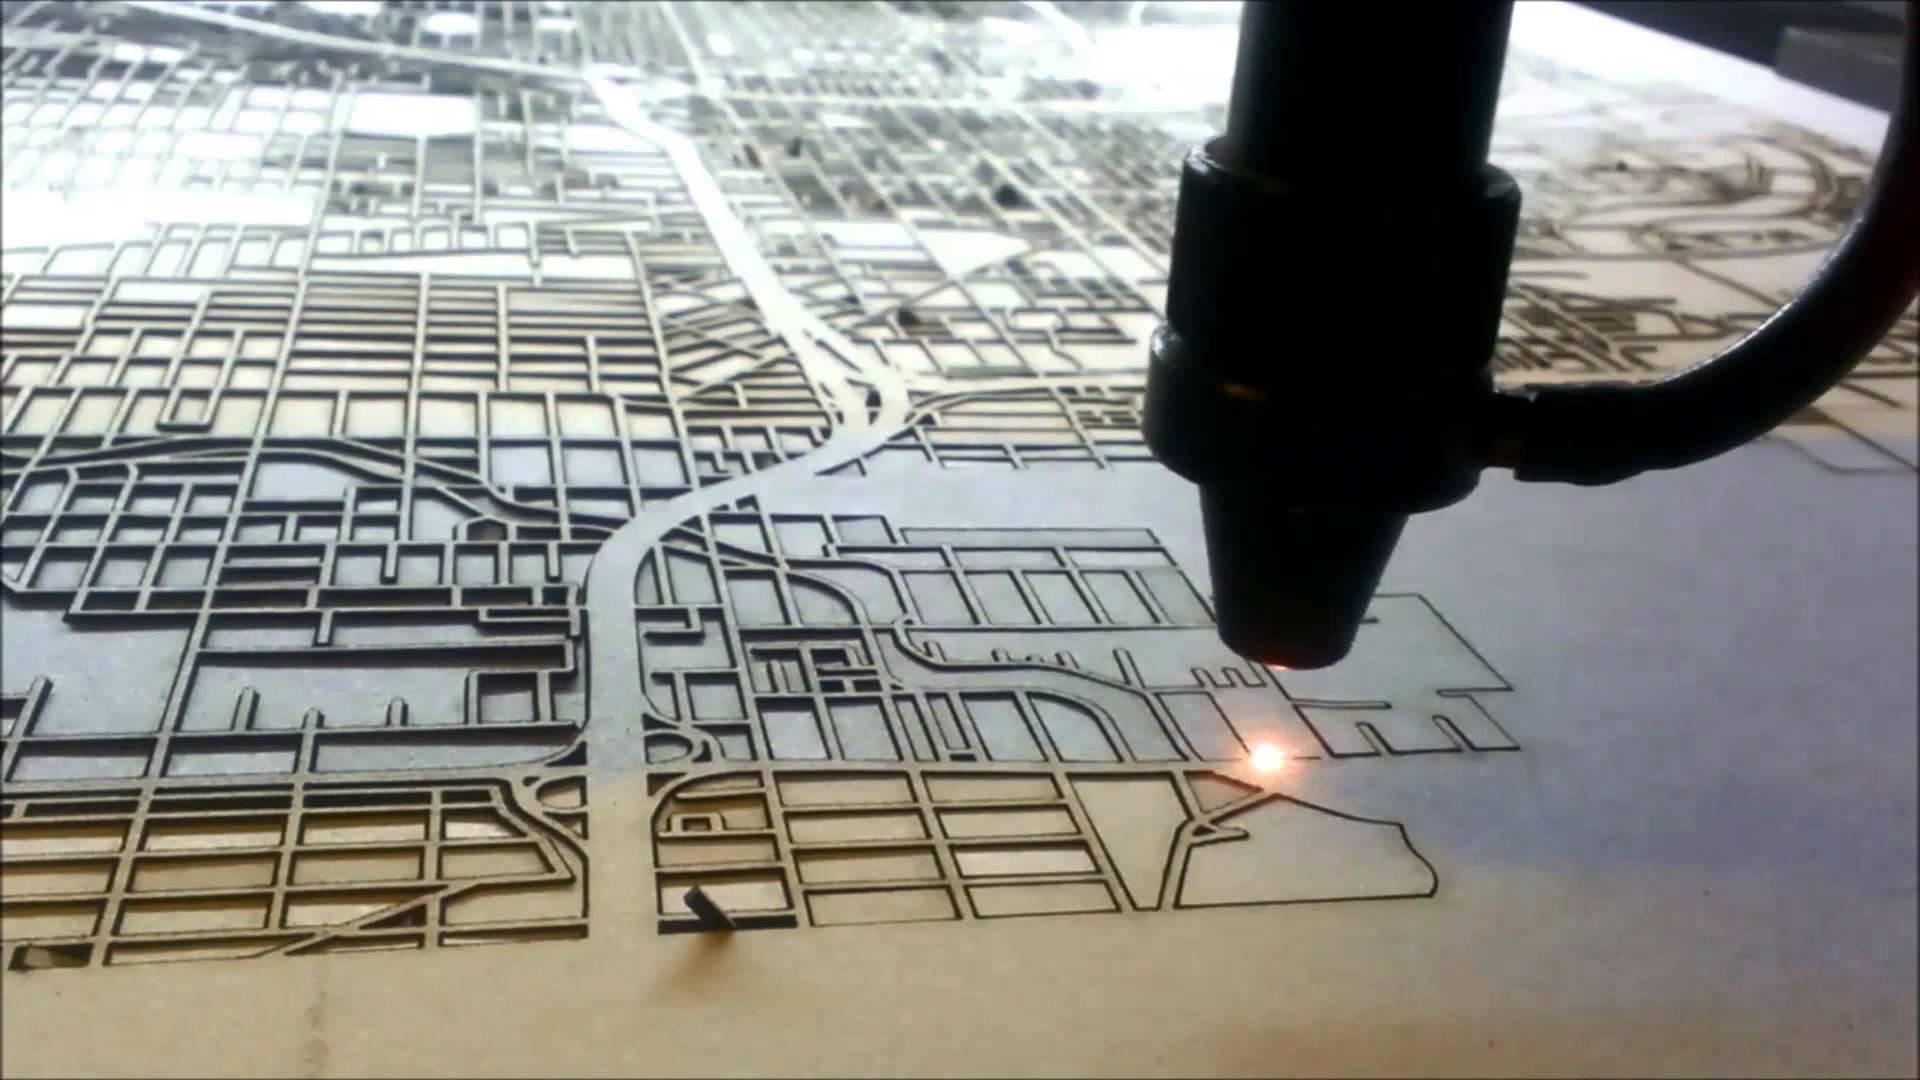 Pormenor laser em funcionamento